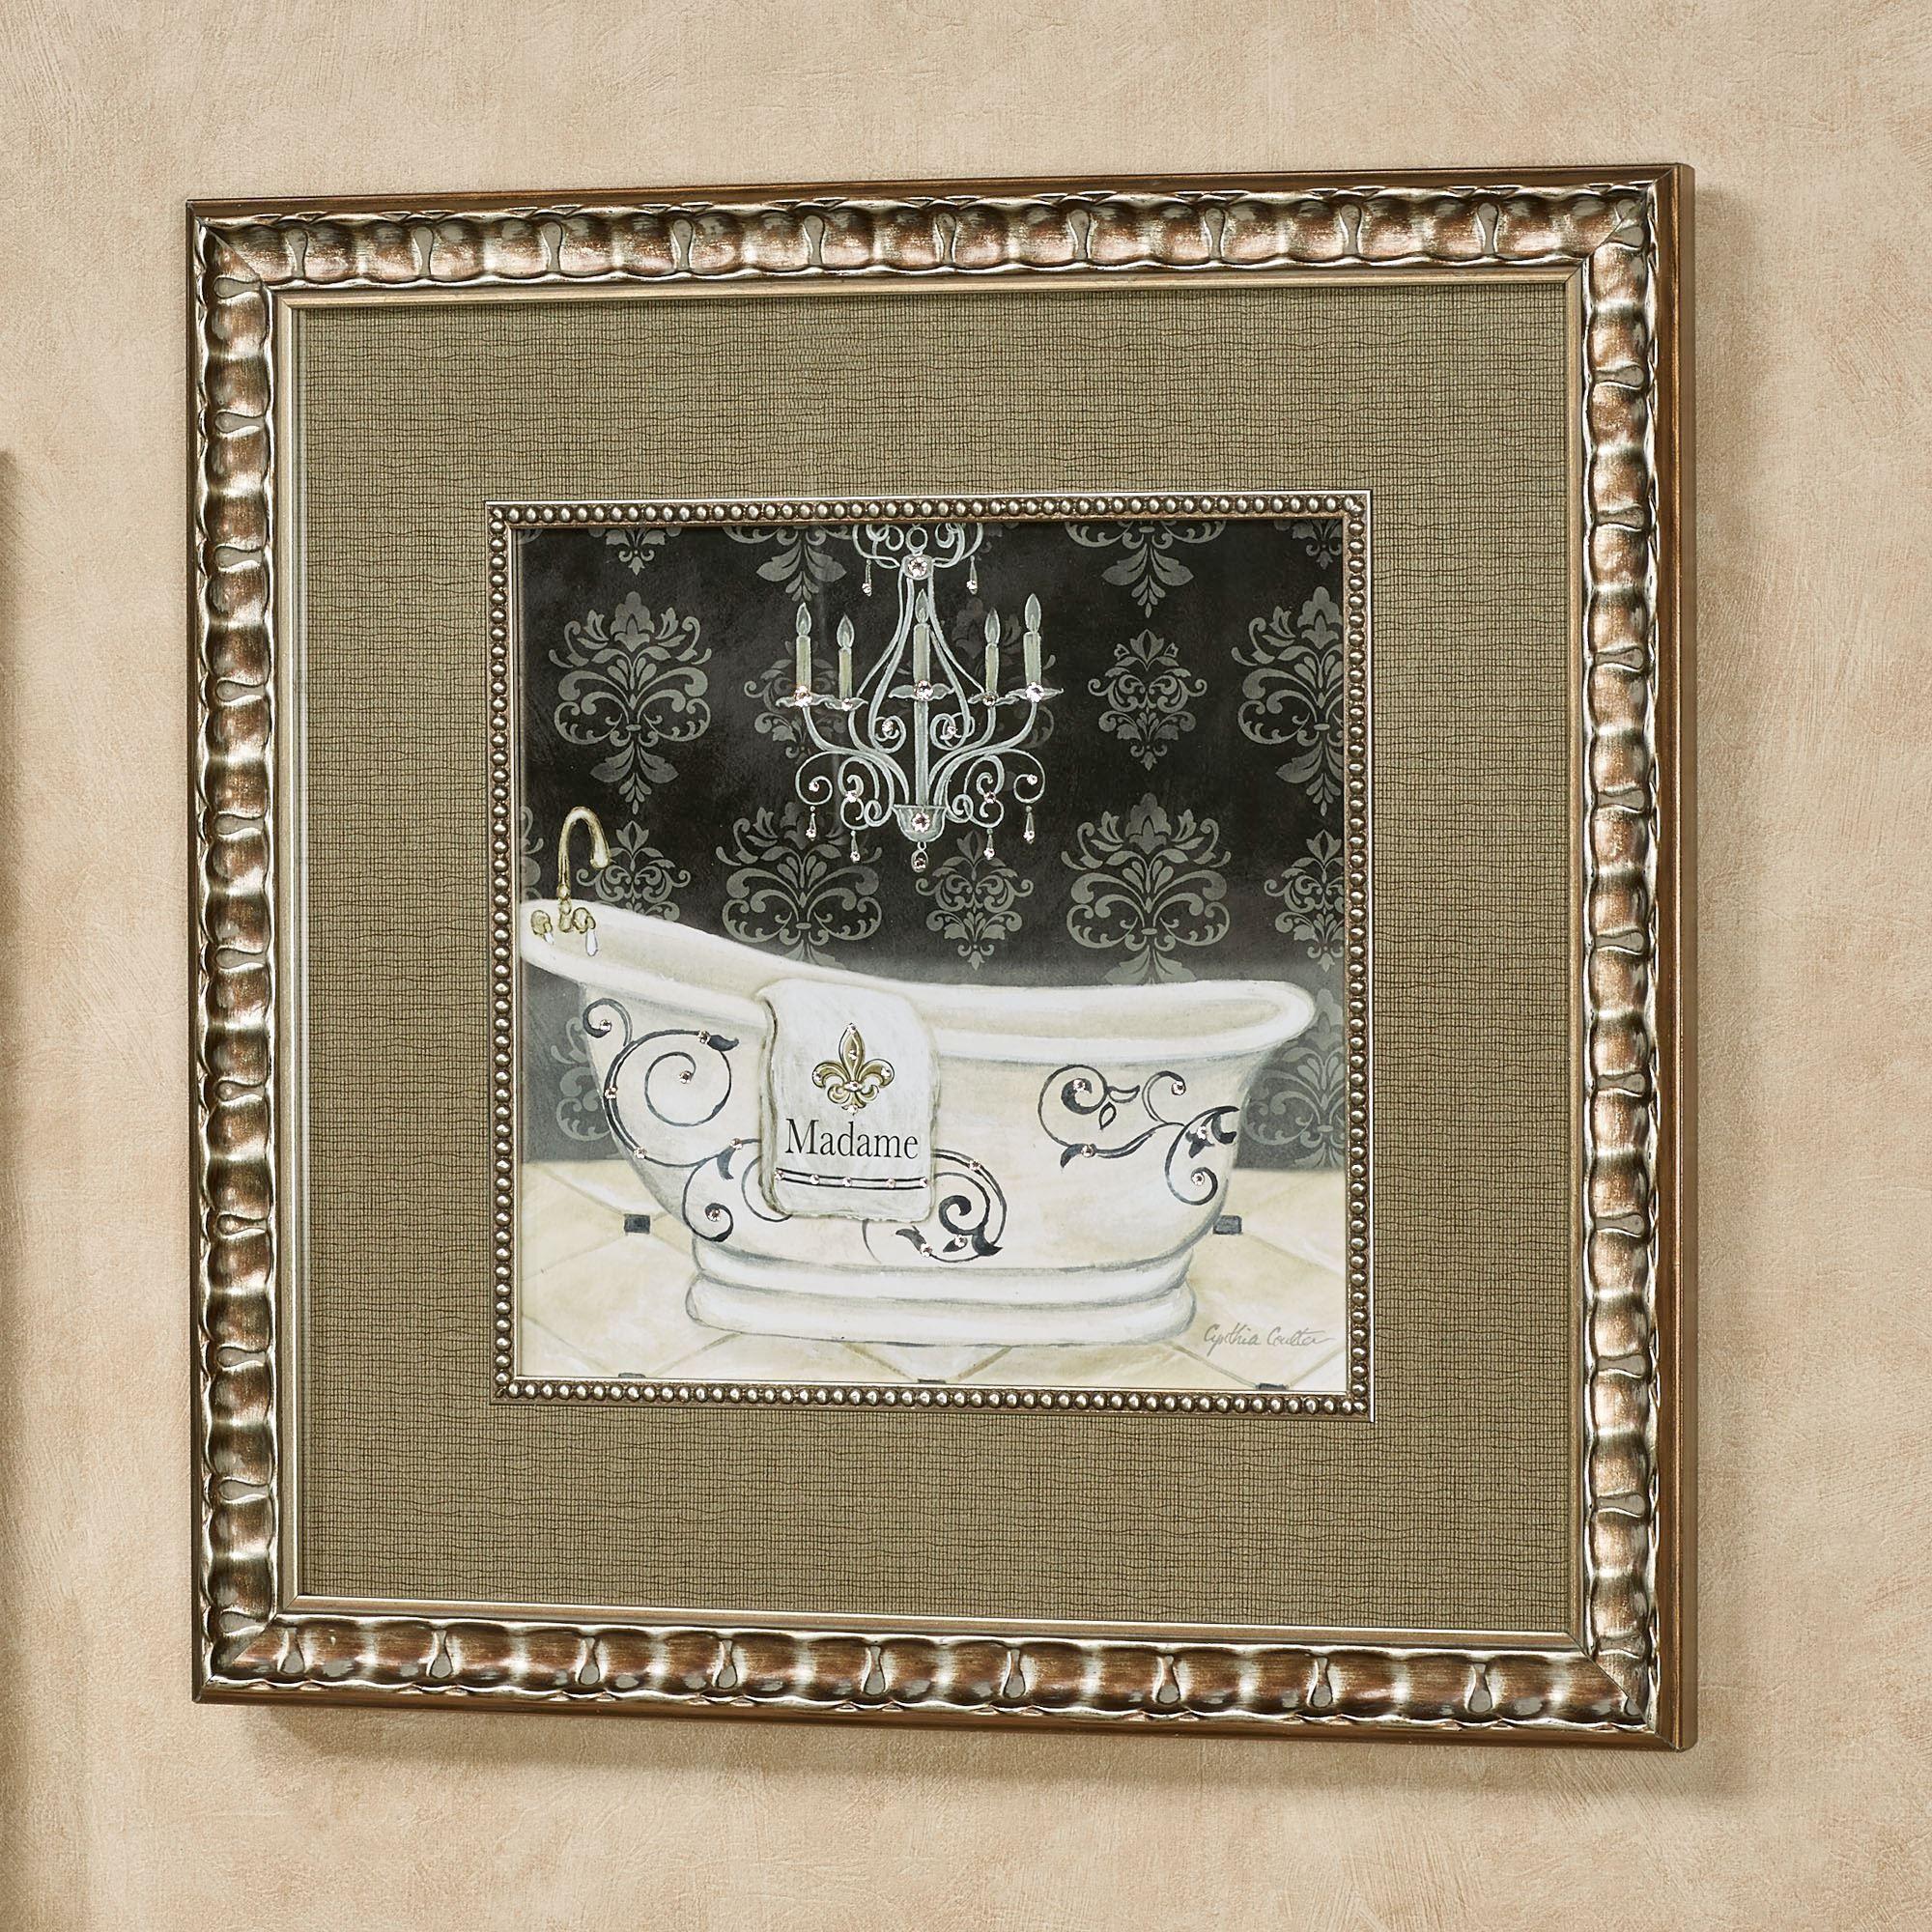 Madame Tub I Framed Wall Art Multi Warm